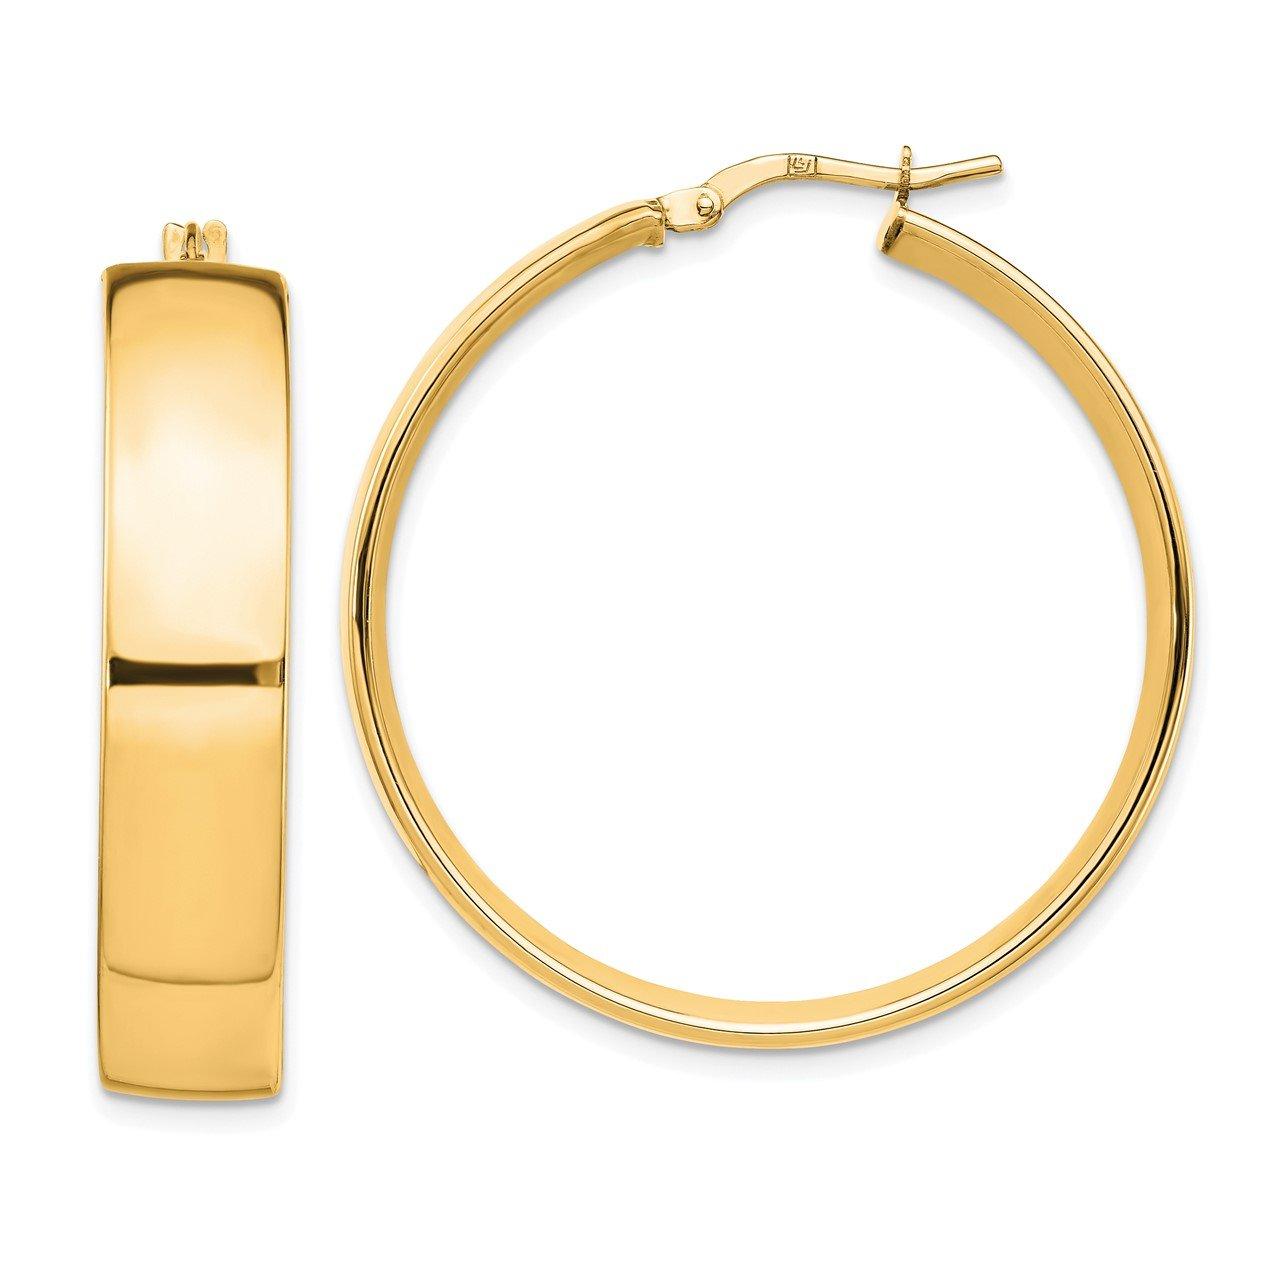 Leslie's 14K 7.75mm High Polished Hoop Earrings